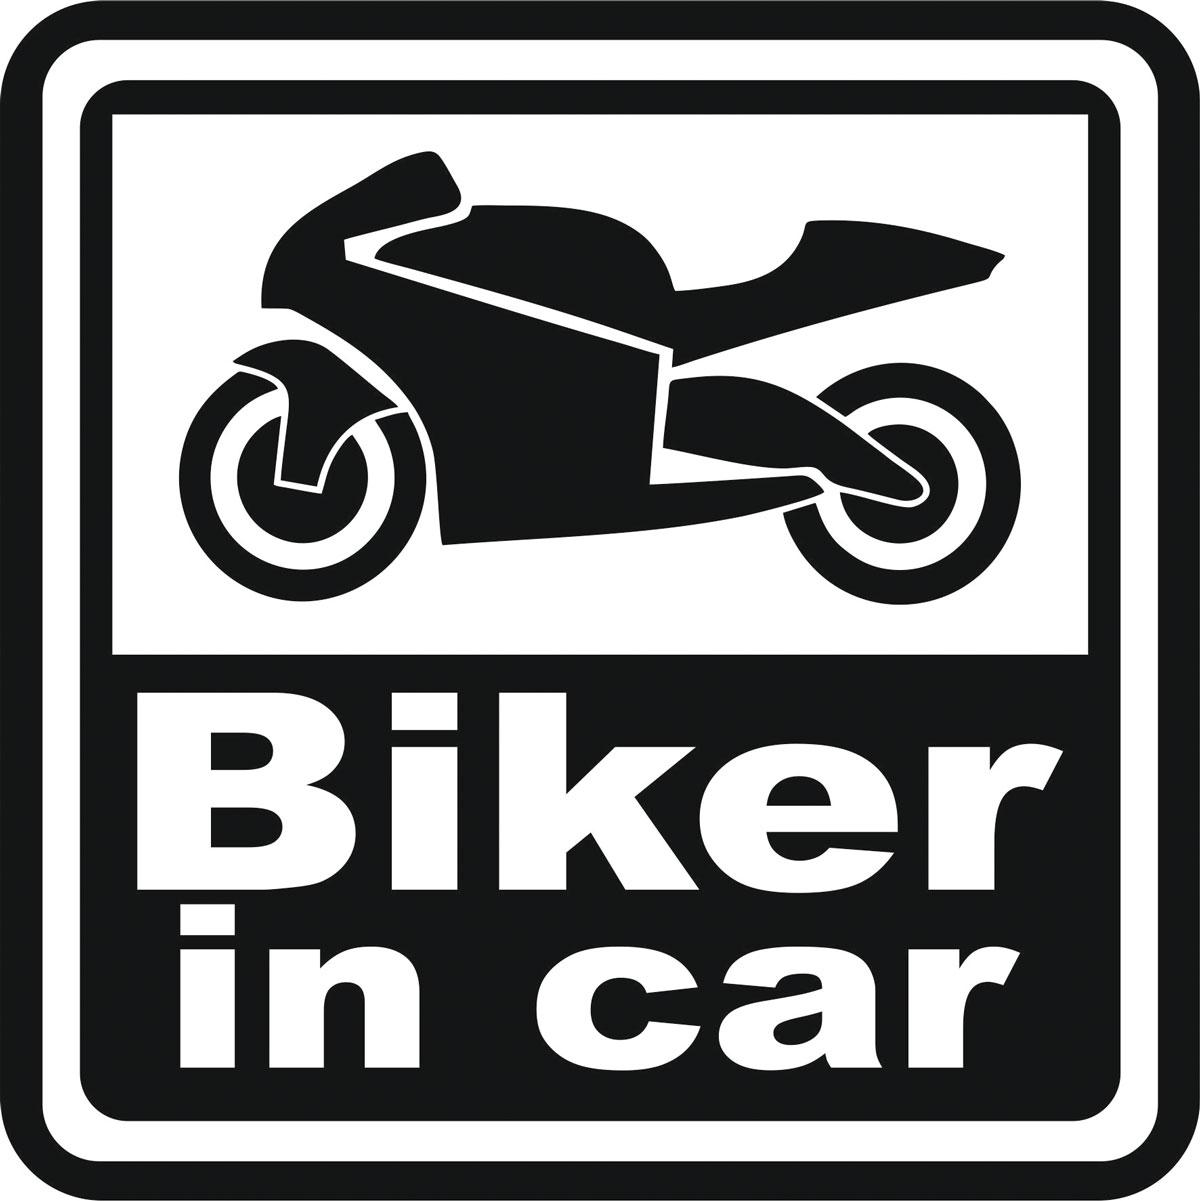 Наклейка автомобильная Оранжевый слоник Biker in Car, виниловая, цвет: черный150MT00021BОригинальная наклейка Оранжевый слоник Biker in Car изготовлена из высококачественной виниловой пленки, которая выполняет не только декоративную функцию, но и защищает кузов автомобиля от небольших механических повреждений, либо скрывает уже существующие. Виниловые наклейки на автомобиль - это не только красиво, но еще и быстро! Всего за несколько минут вы можете полностью преобразить свой автомобиль, сделать его ярким, необычным, особенным и неповторимым!